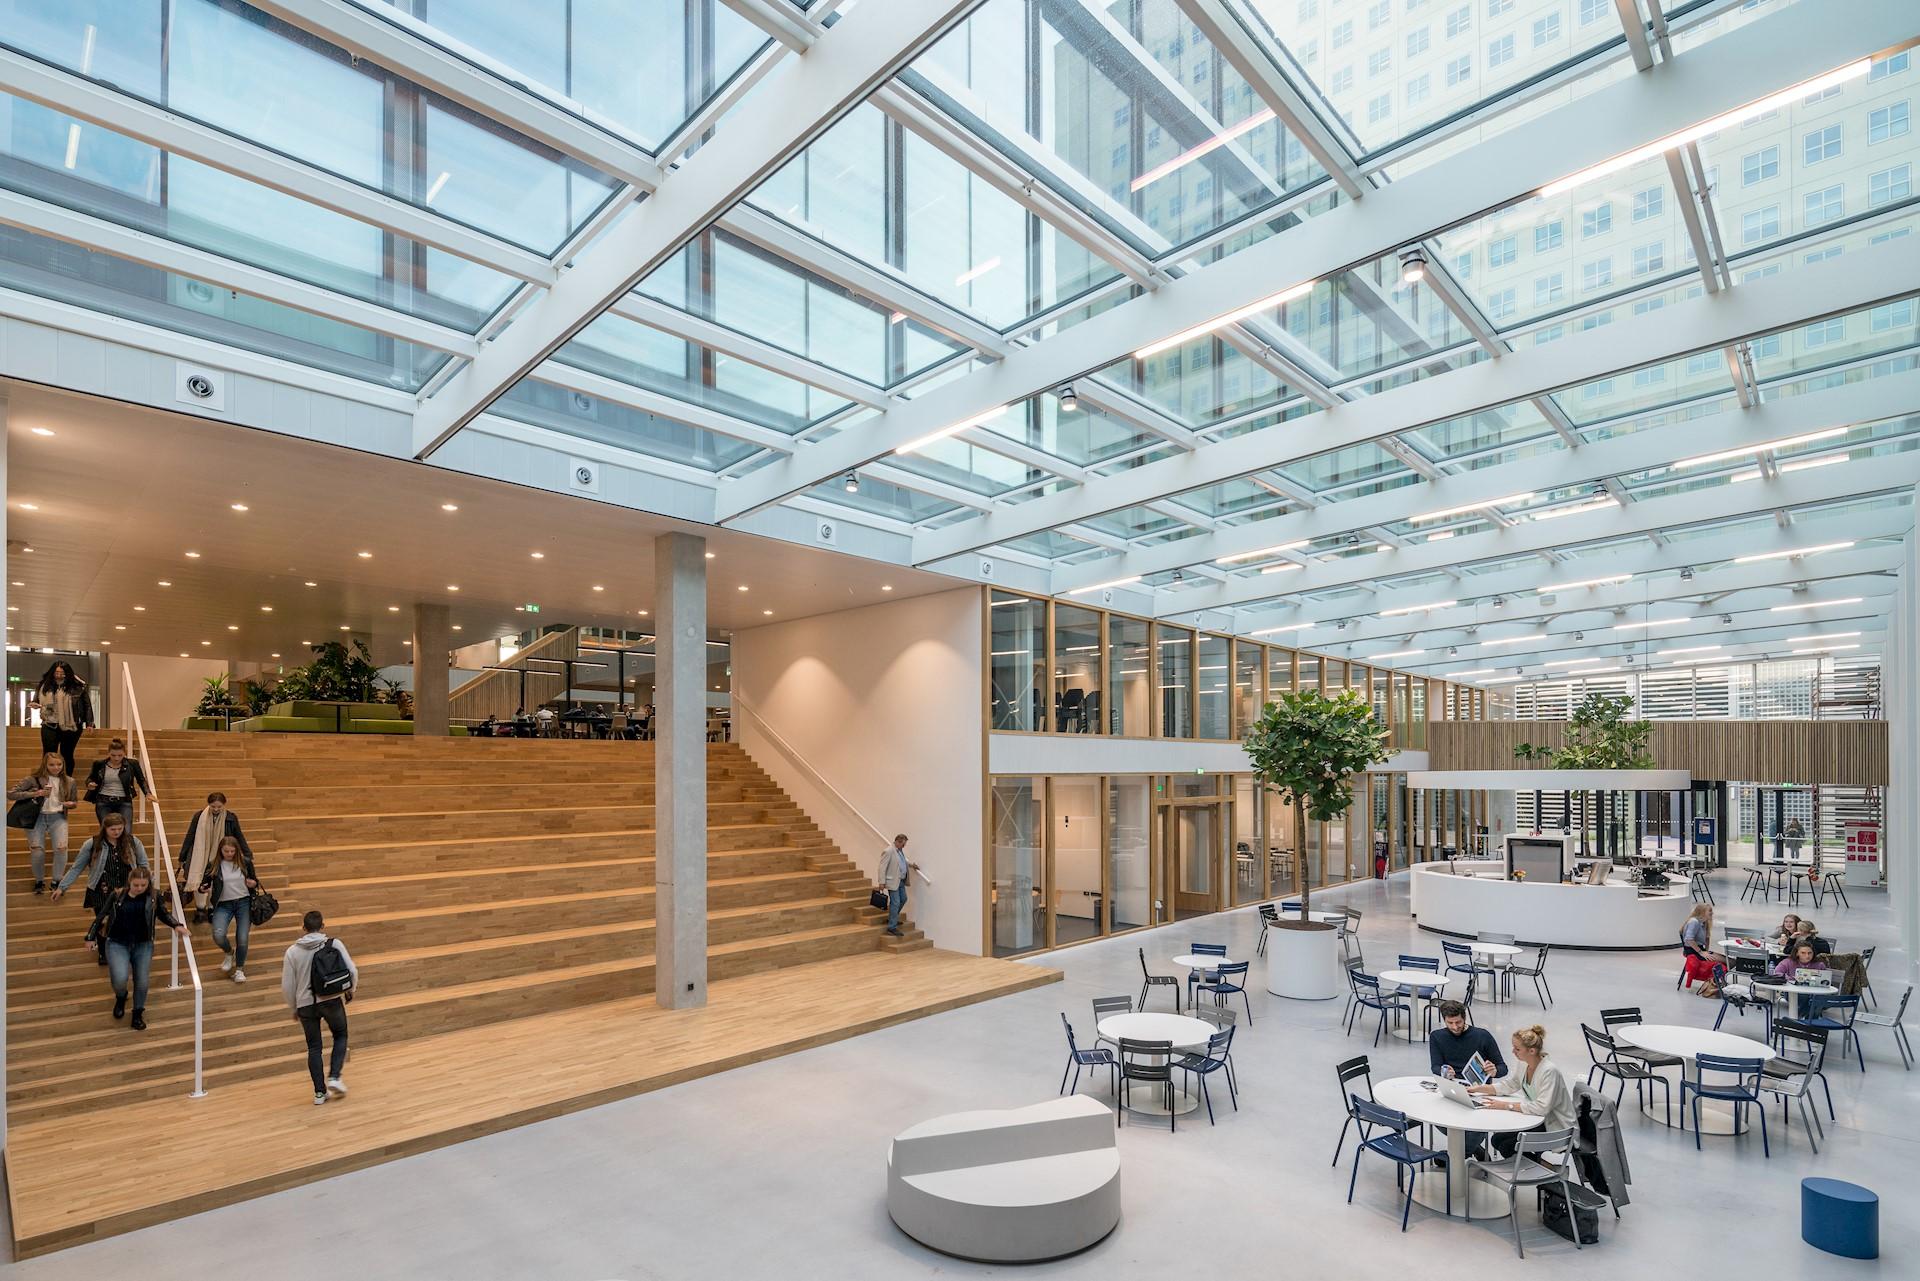 Rotterdam business school hogeschool rotterdam de twee snoeken